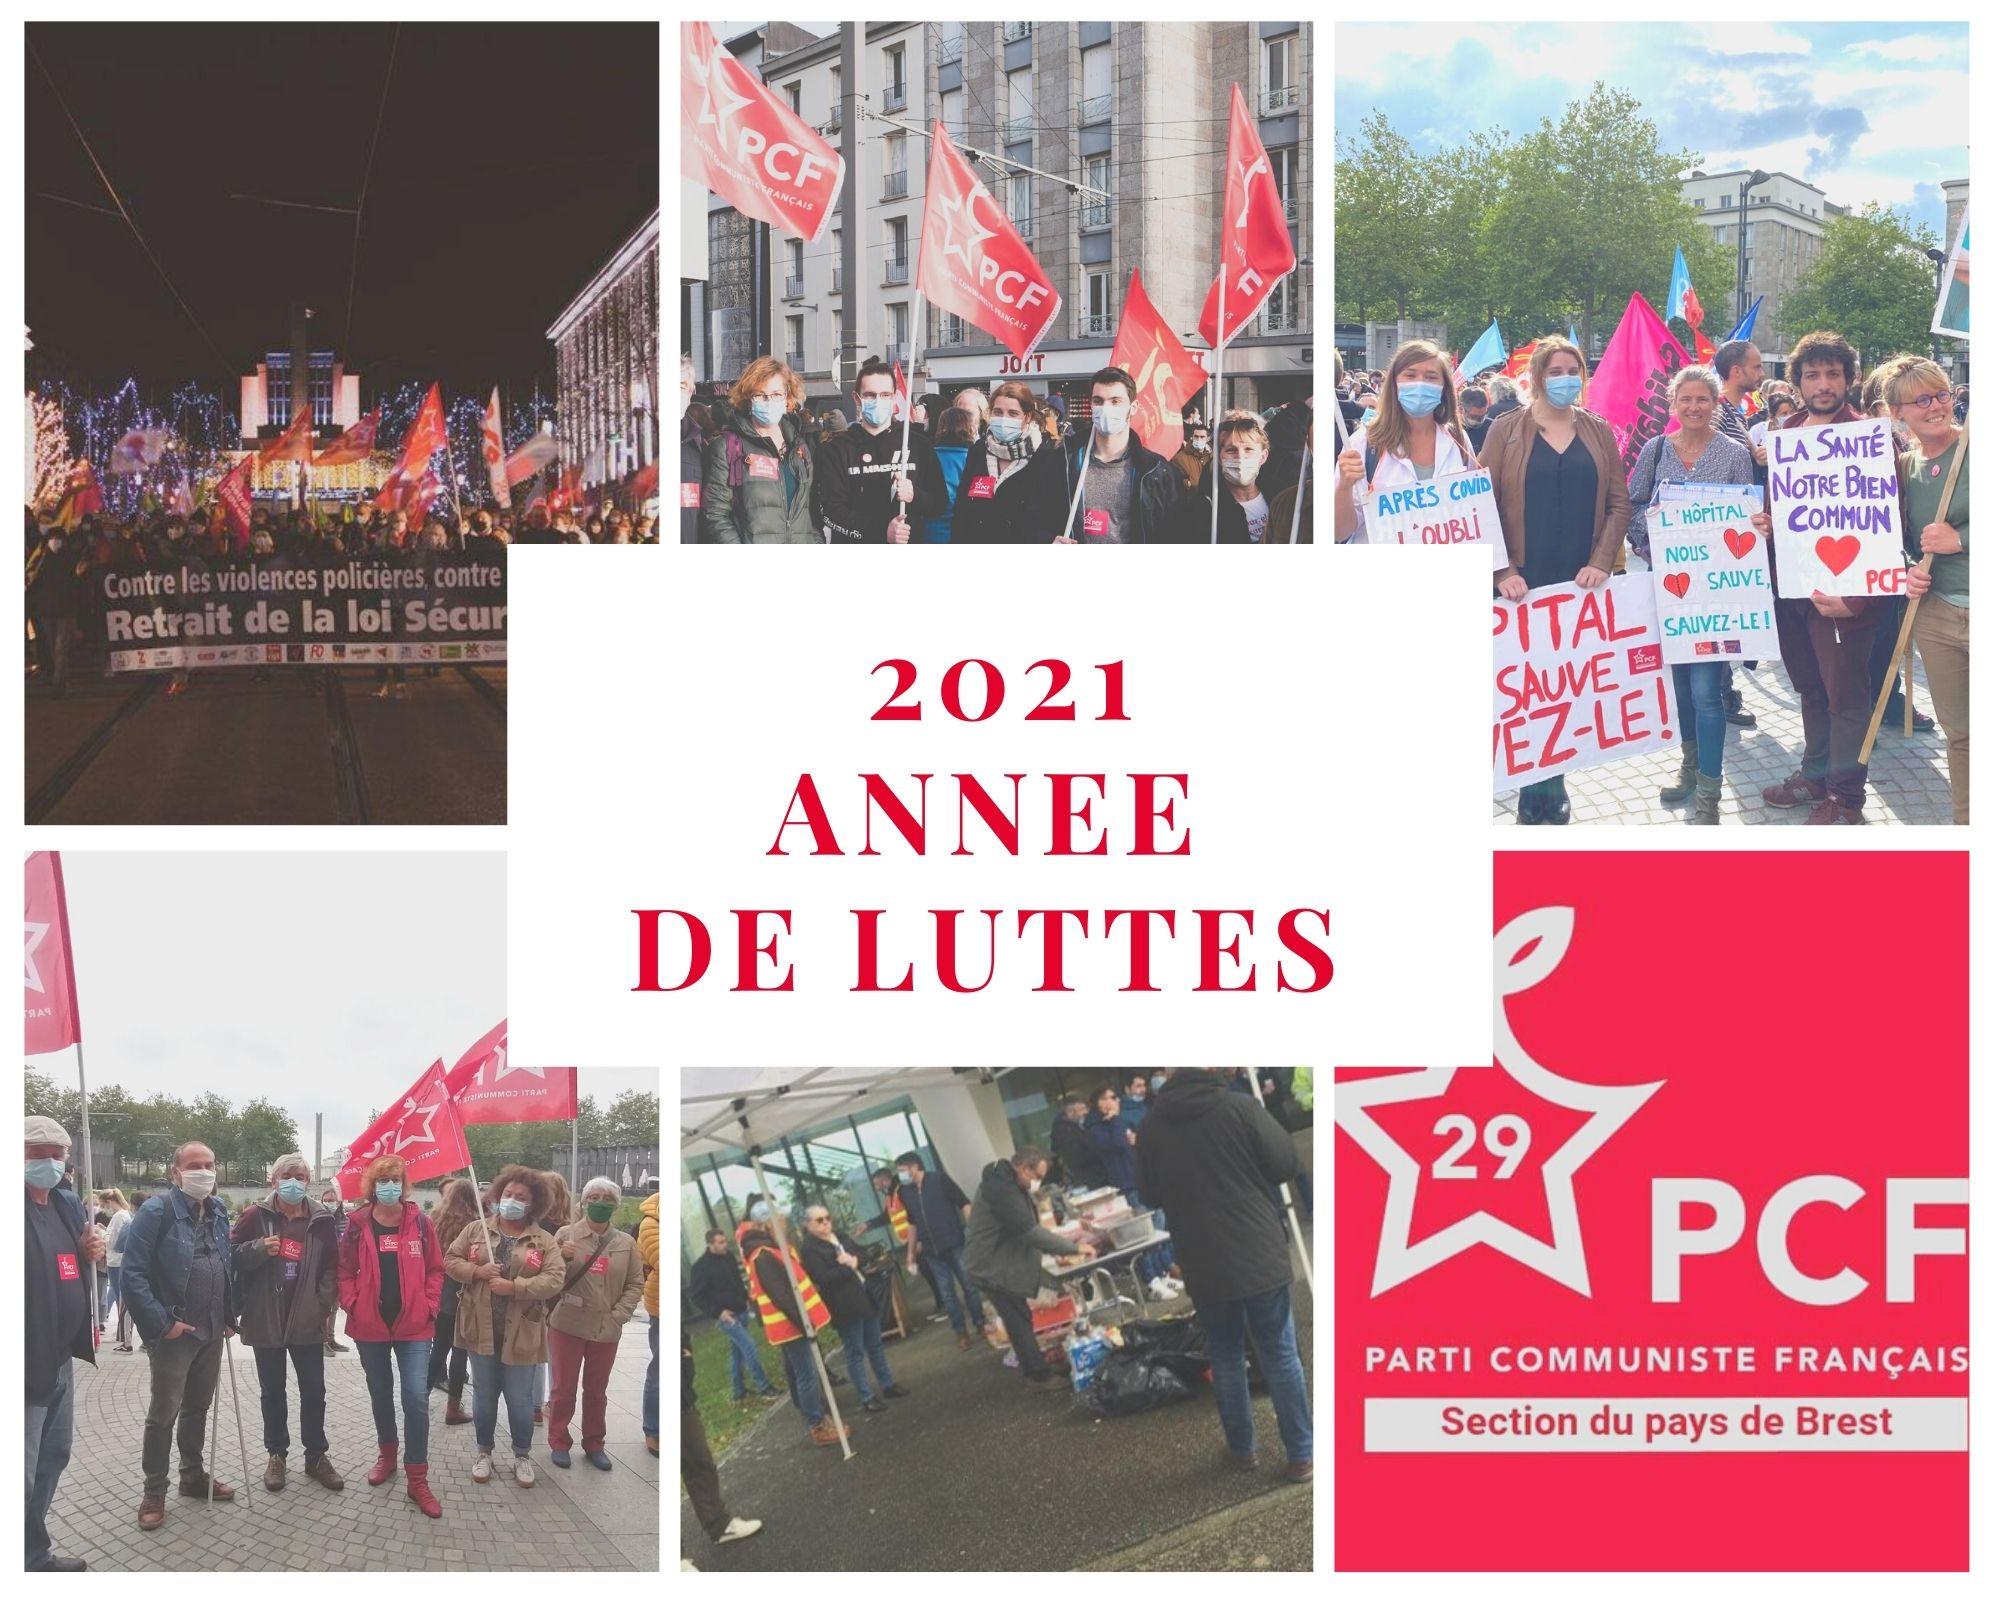 Les militant.e.s communistes de la section du Pays de Brest vous souhaitent une belle année 2021.